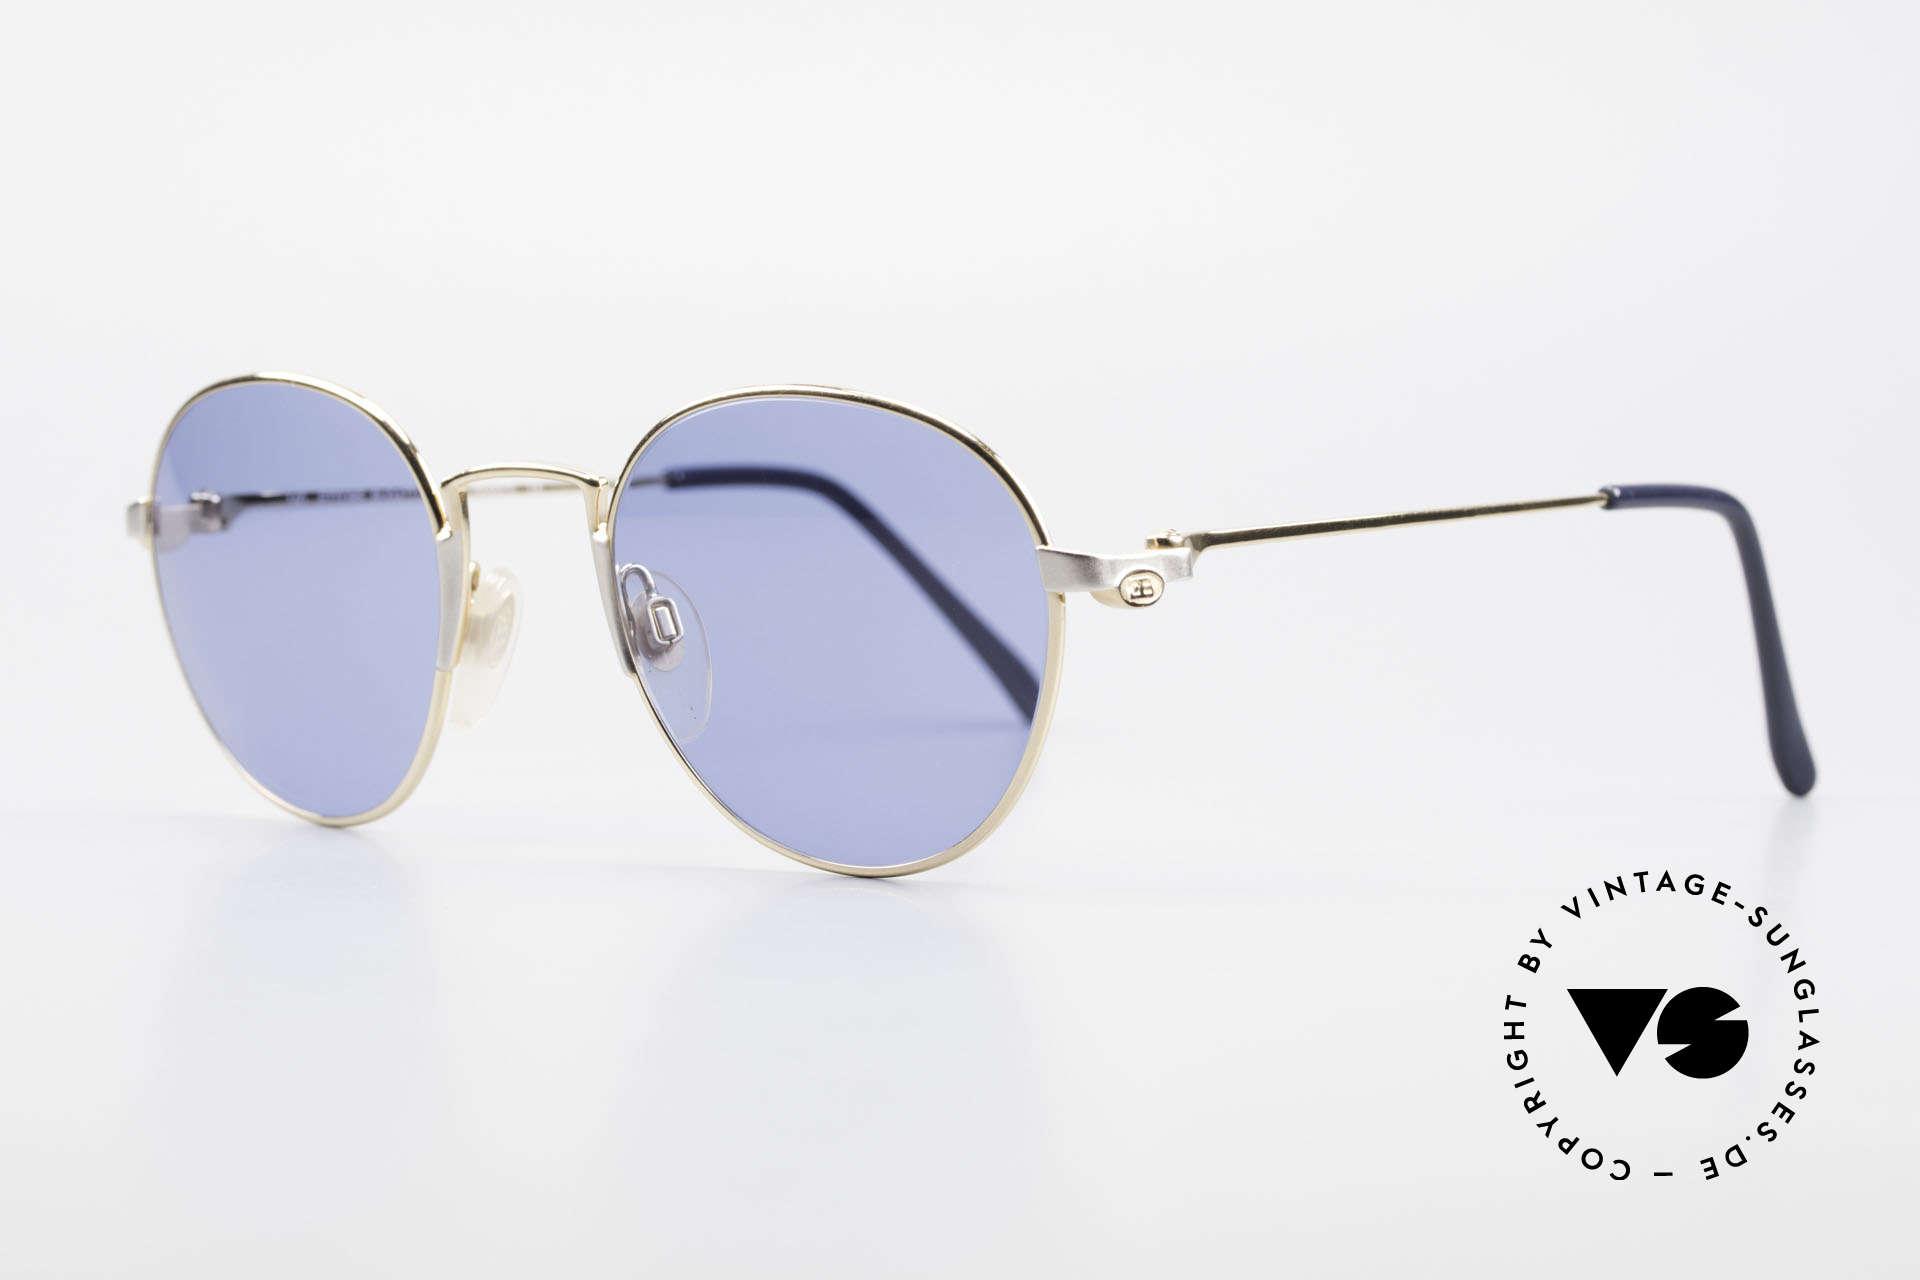 Bugatti EB600 Luxury Bugatti Panto Glasses, gold/palladium frame of the 'ETTORE Bugatti' series, Made for Men